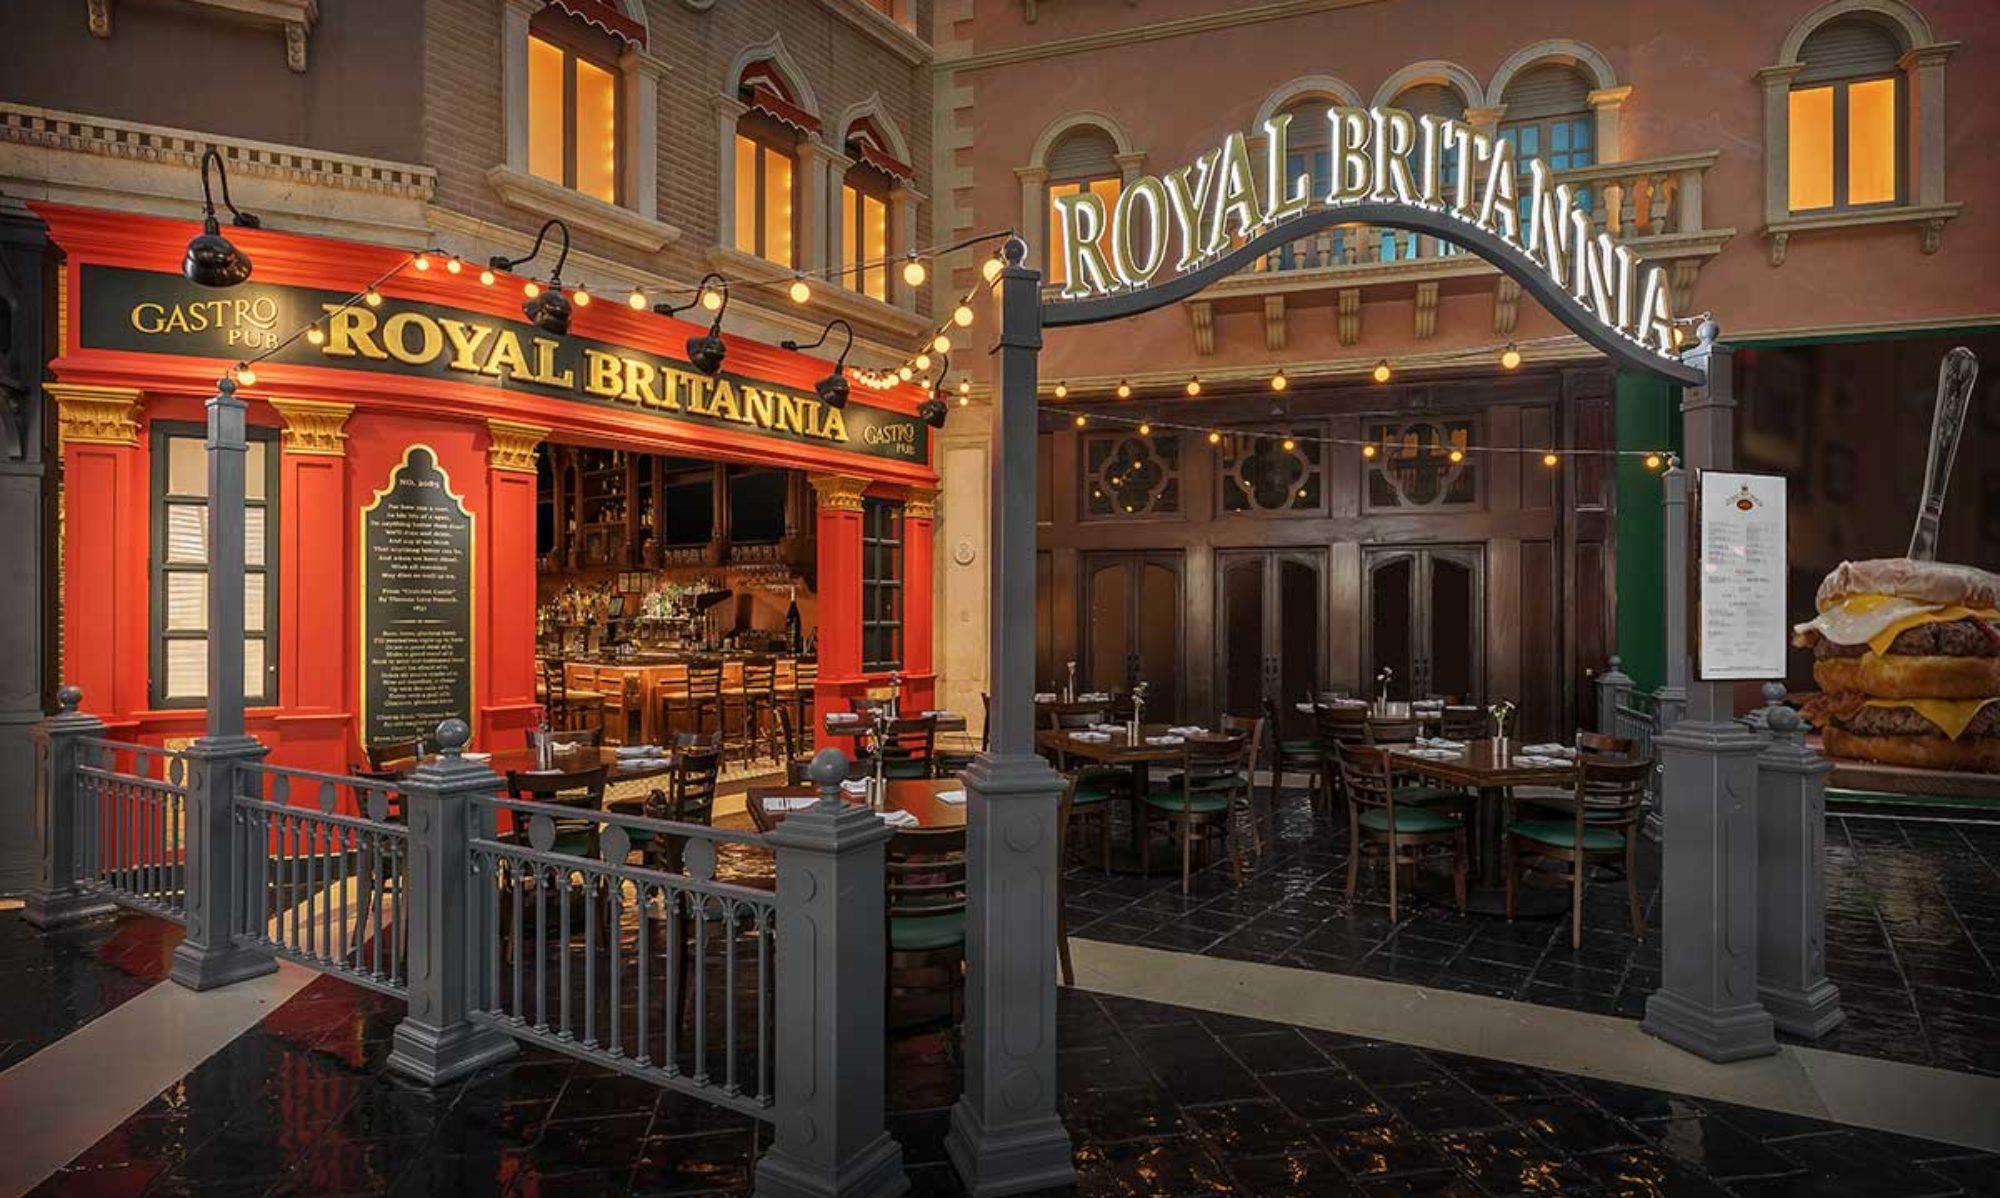 Royal Britannia Gastropub